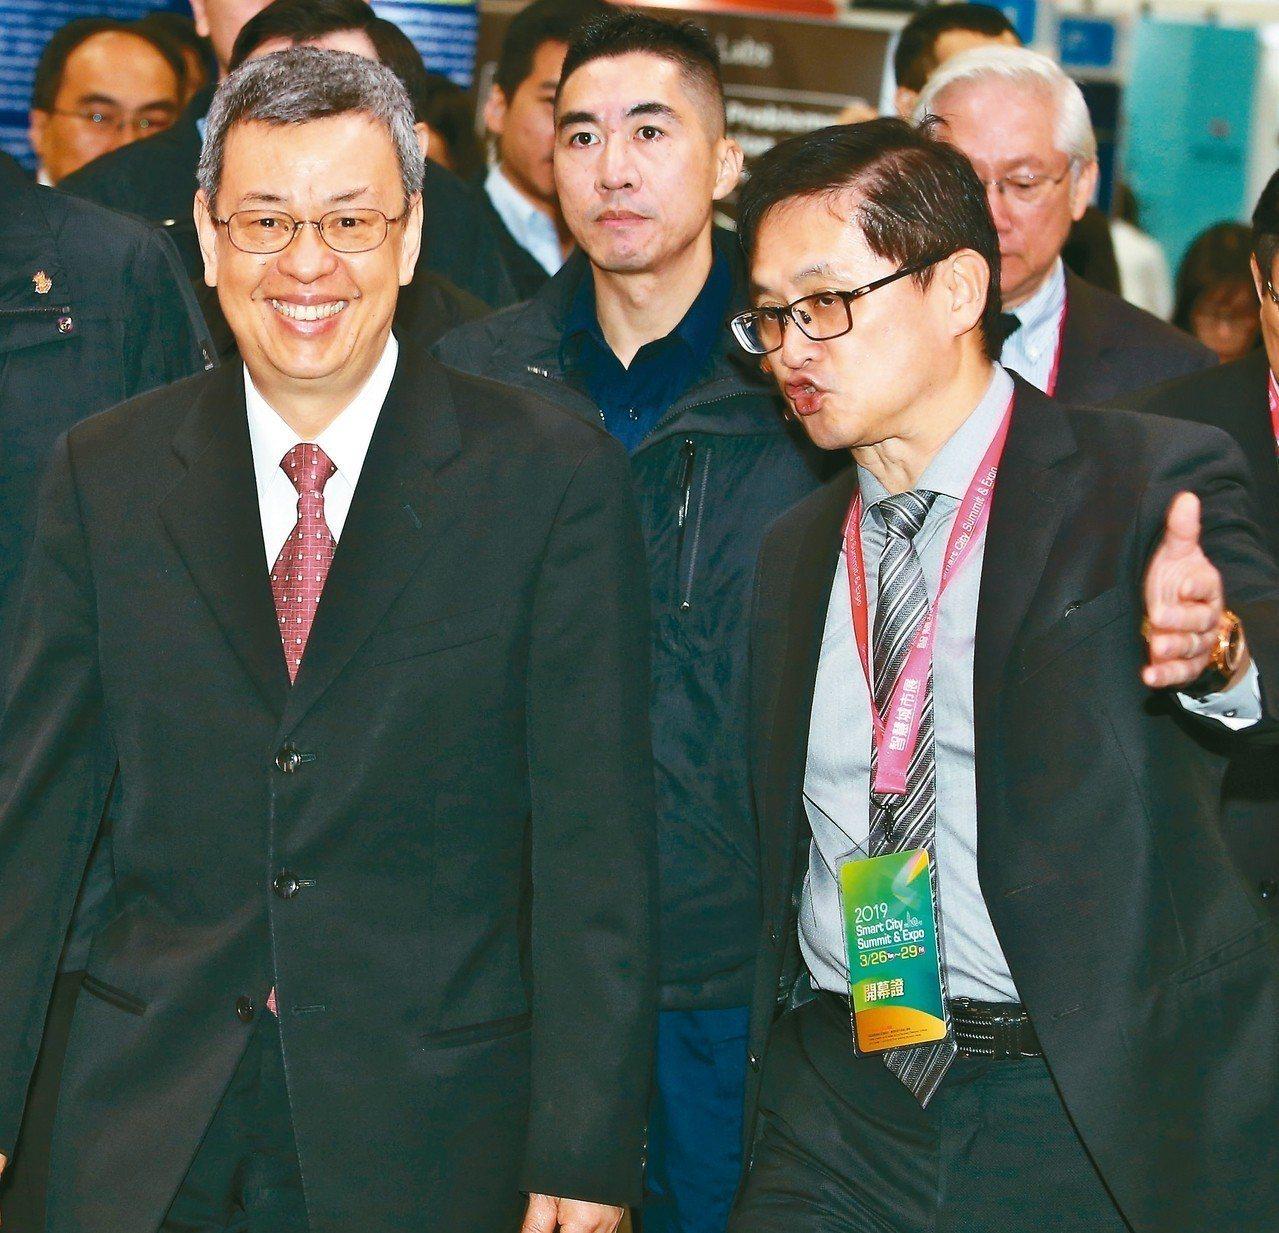 2019智慧城市上午開幕,副總統陳建仁(左)和北市電腦公會理事長童子賢(右)出席...